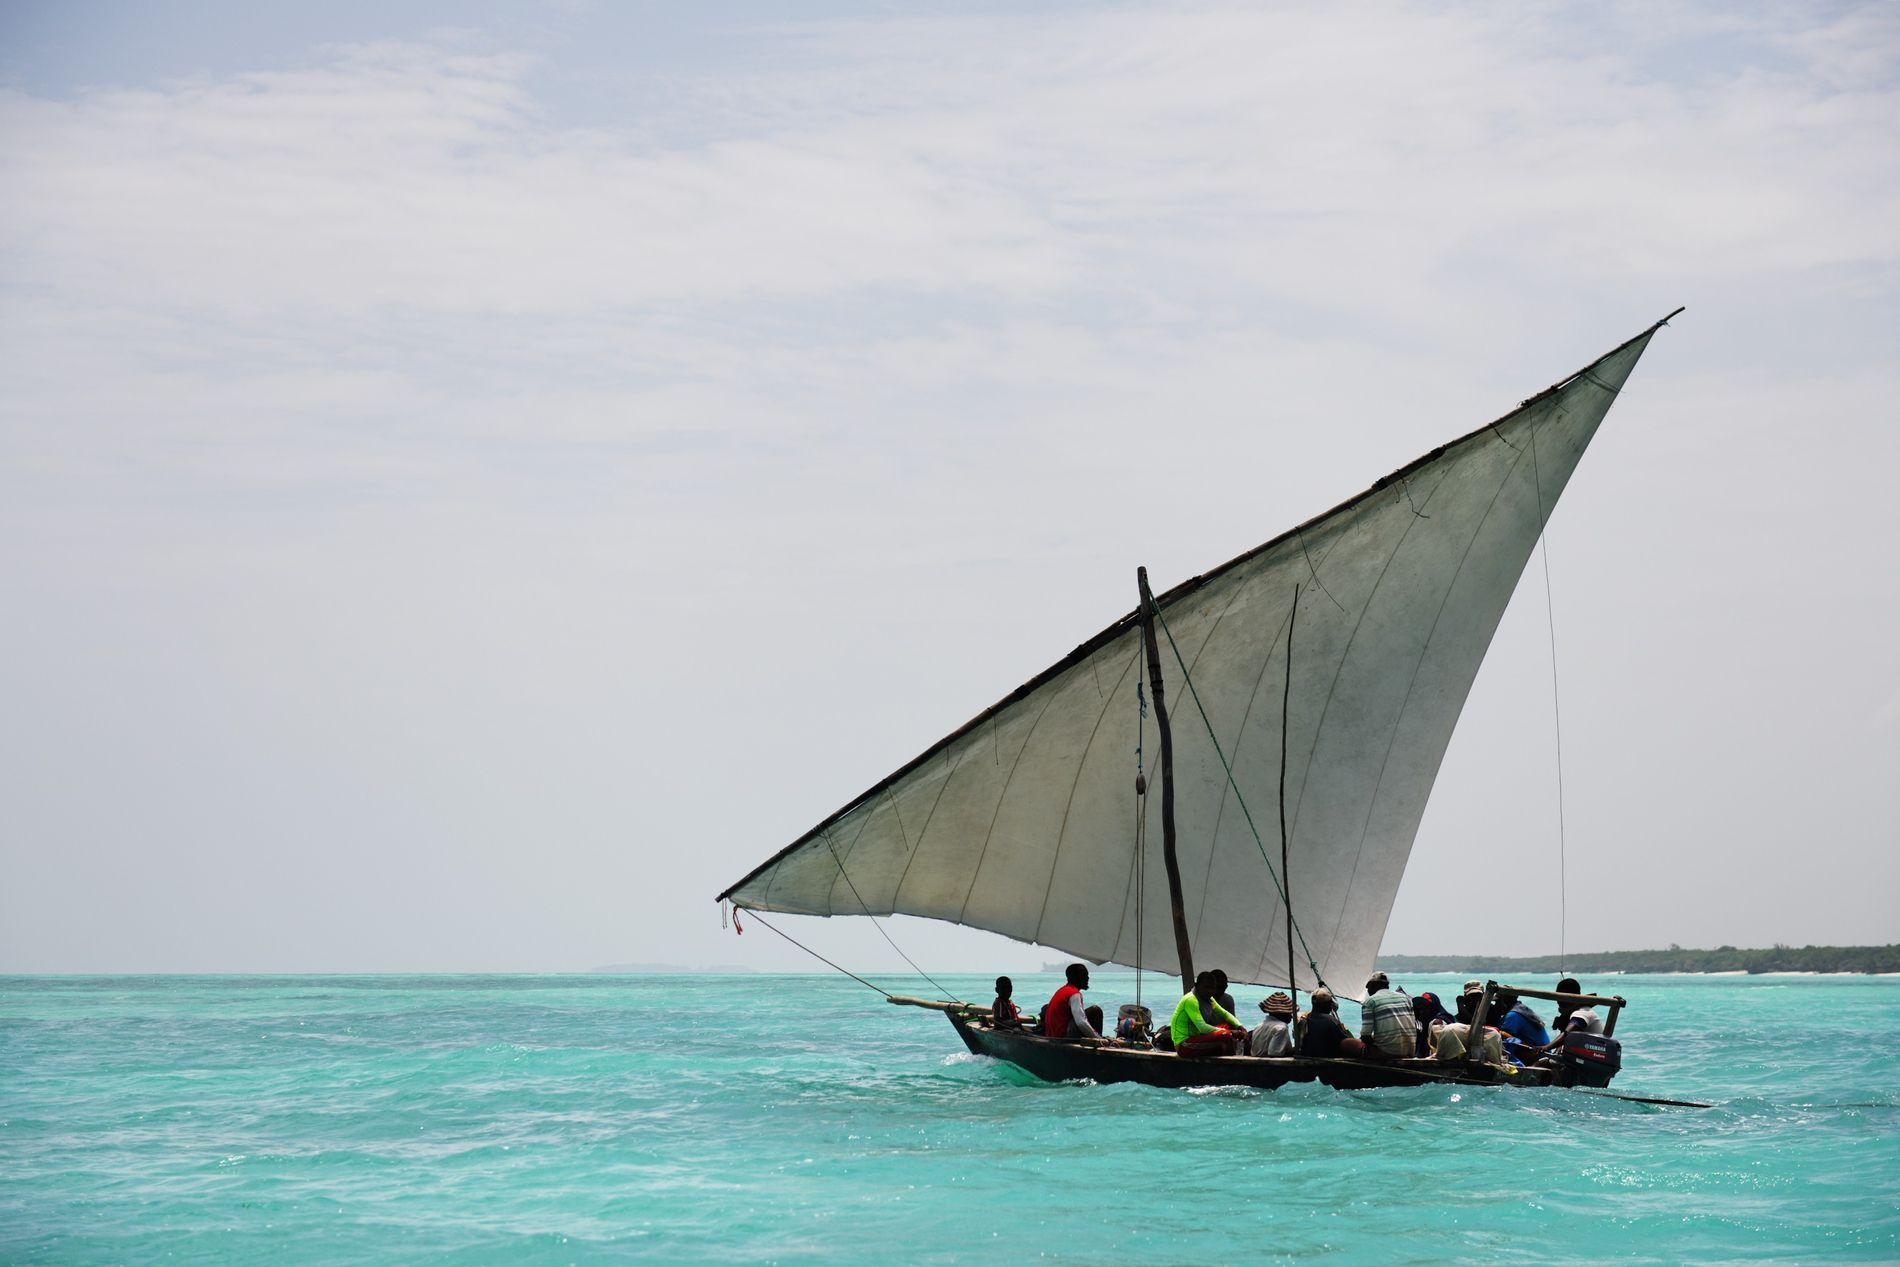 Sur la côte nord de l'île, face au petit village de Nungwi, les hommes partent à la pêche sur des boutres, des bateaux traditionnels faits en acajou et en bois de mangrove.